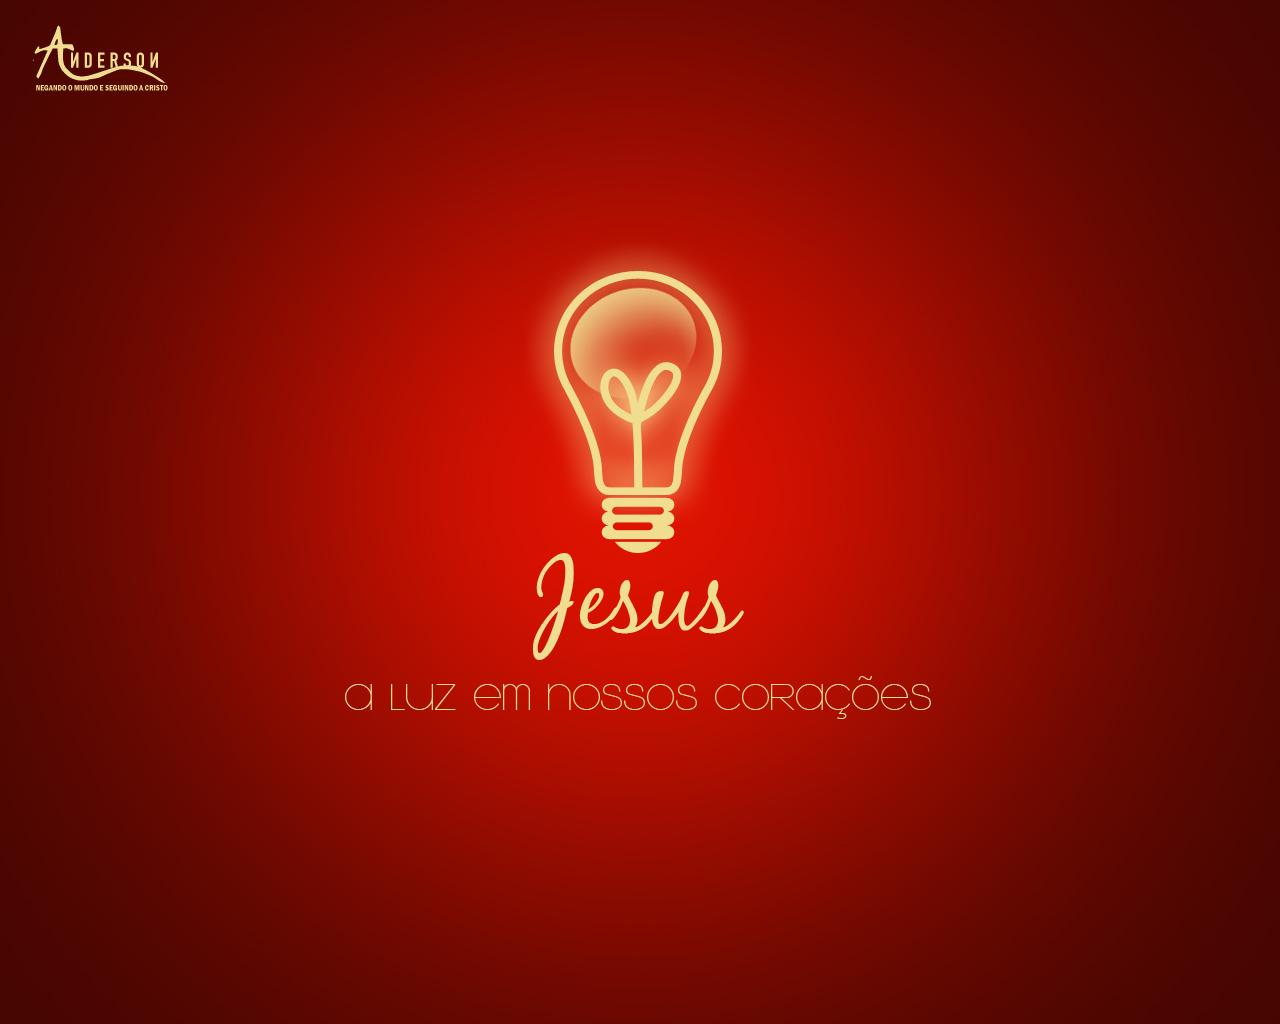 Papel de parede gospel para computador ou celular lindo e  - imagens para celular gospel